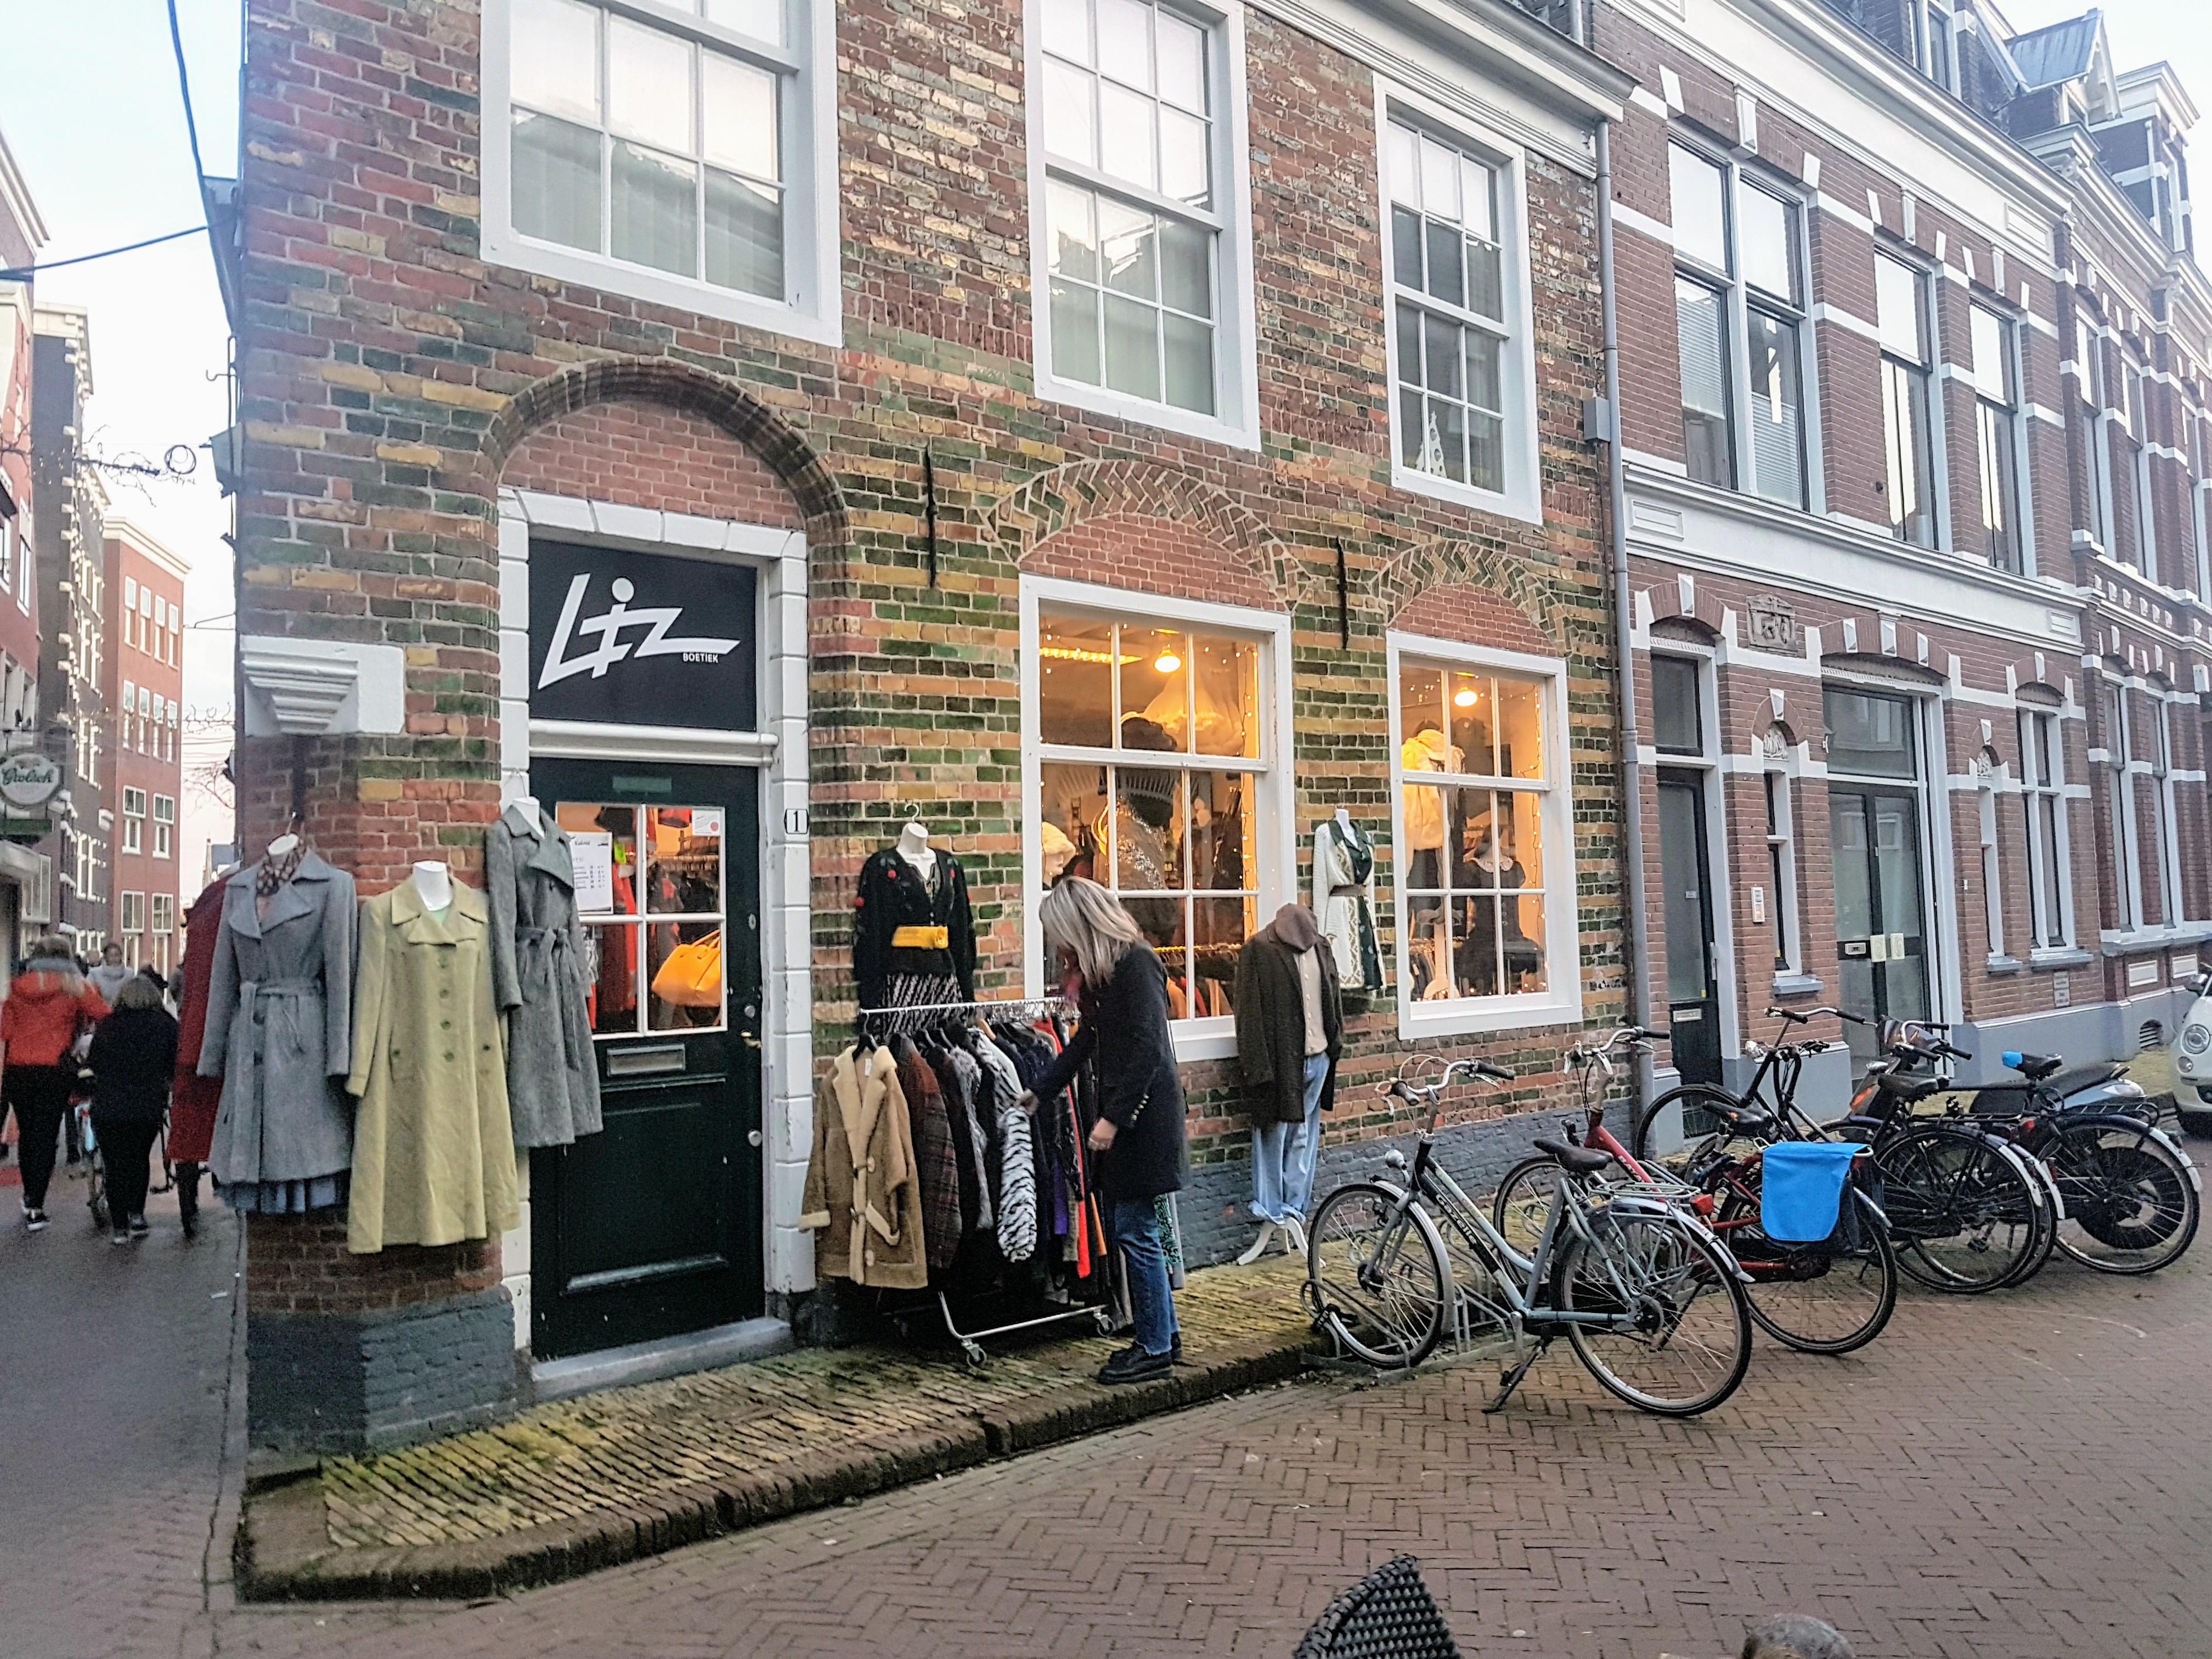 Tweedehands Meubels Leeuwarden : Dit zijn de leukste vintage winkels van leeuwarden daily nonsense